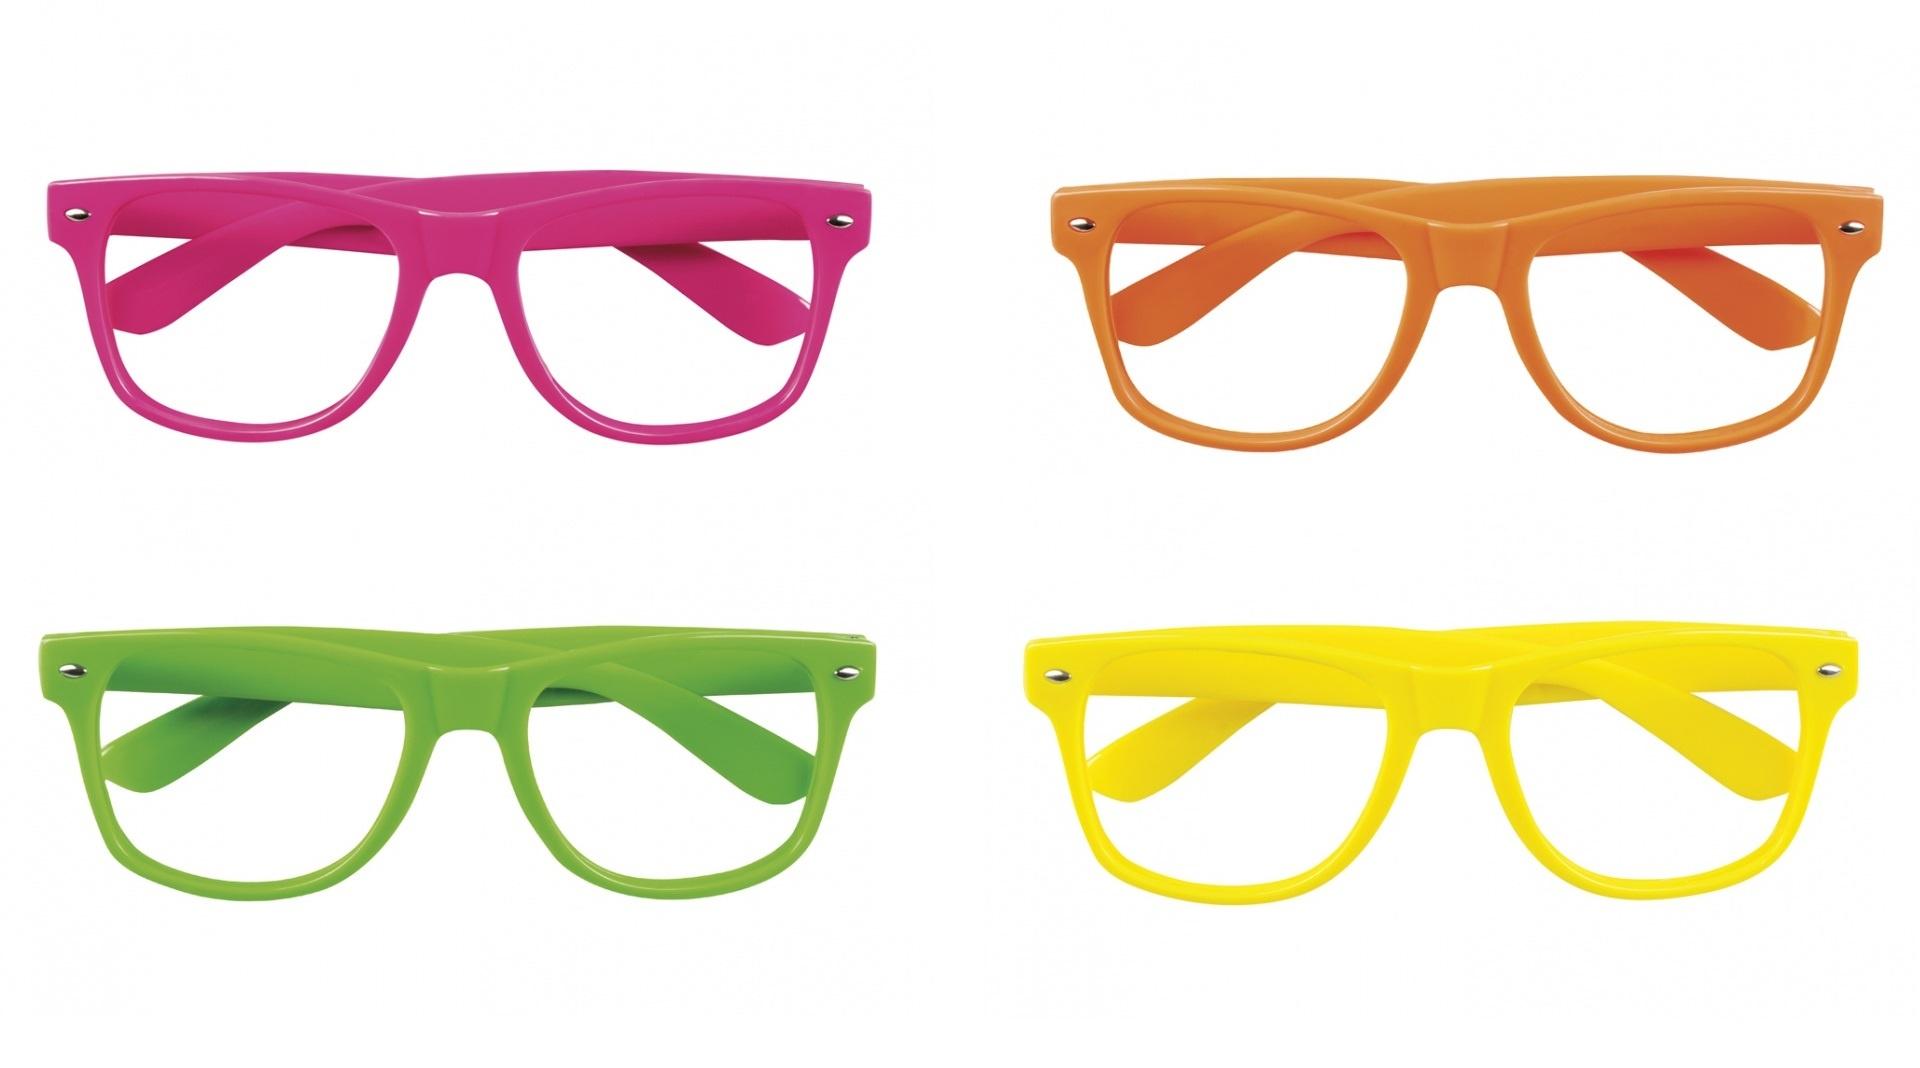 magasiner pour l'original nouvelle apparence en ligne à la vente lunettes de fête sans verres 4 pièces en 4 couleurs néons